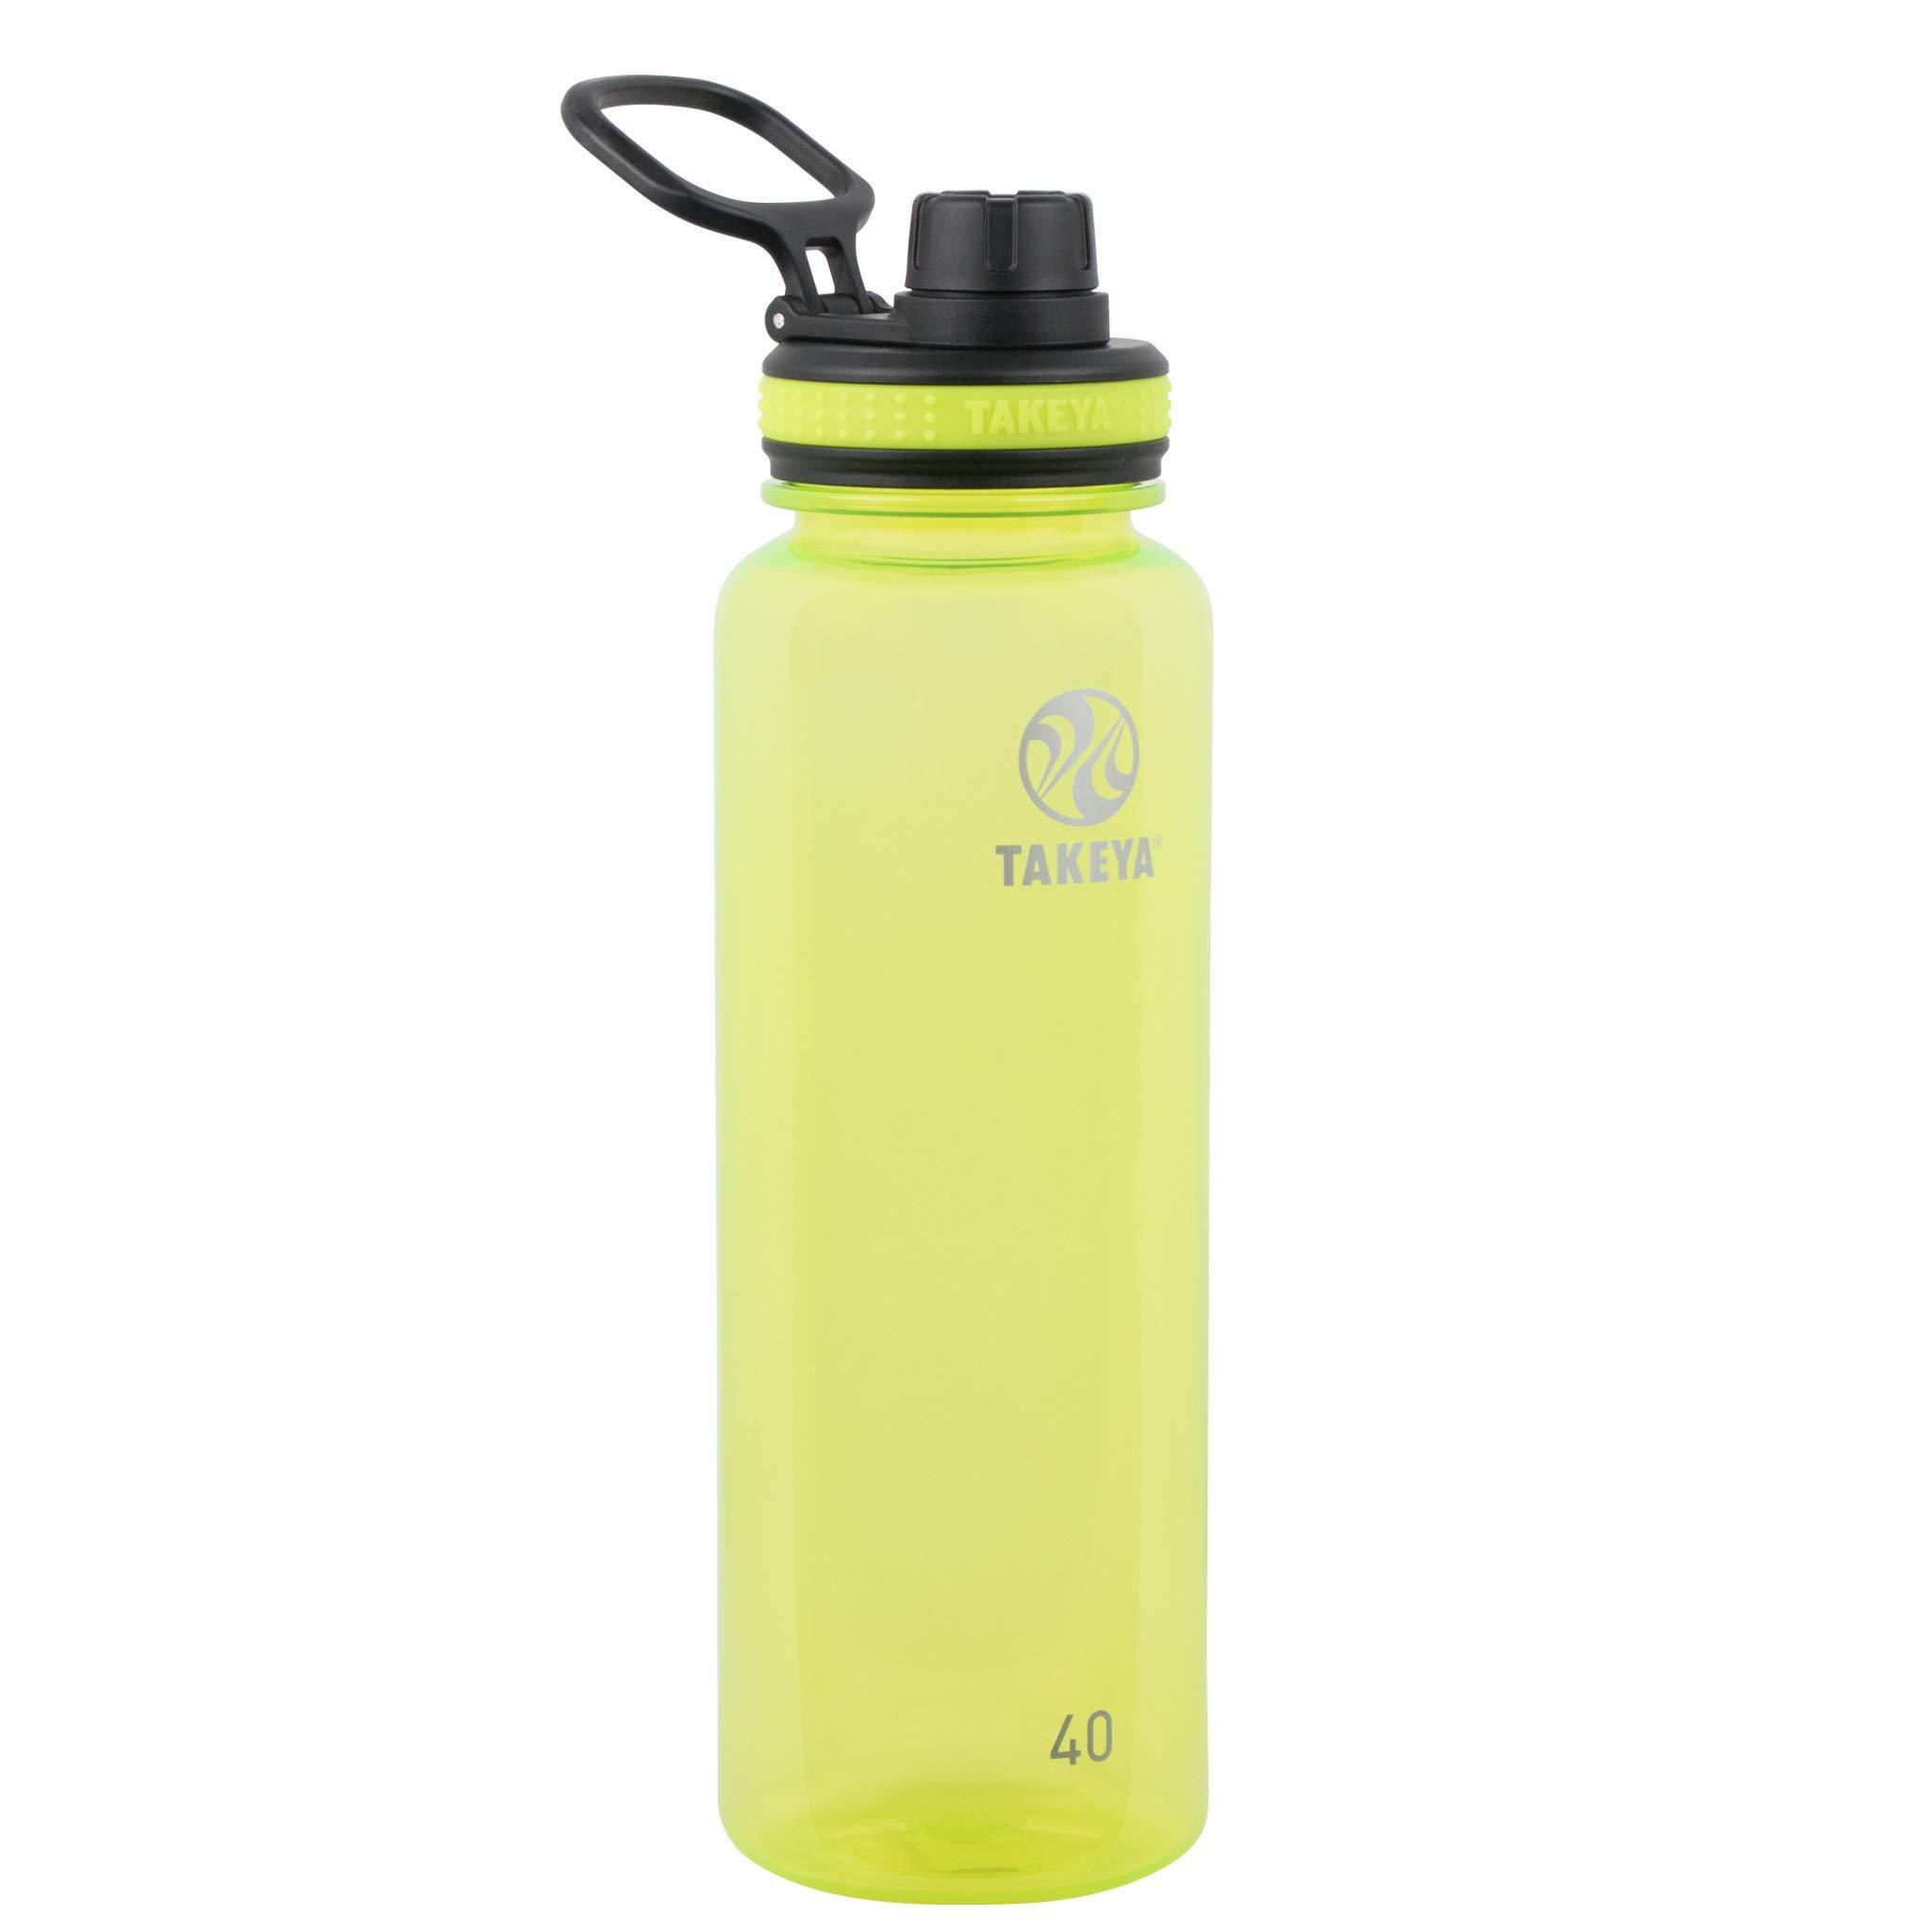 Takeya Tritan Sports Water Bottle with Spout Lid, 40 oz, Wild Lime